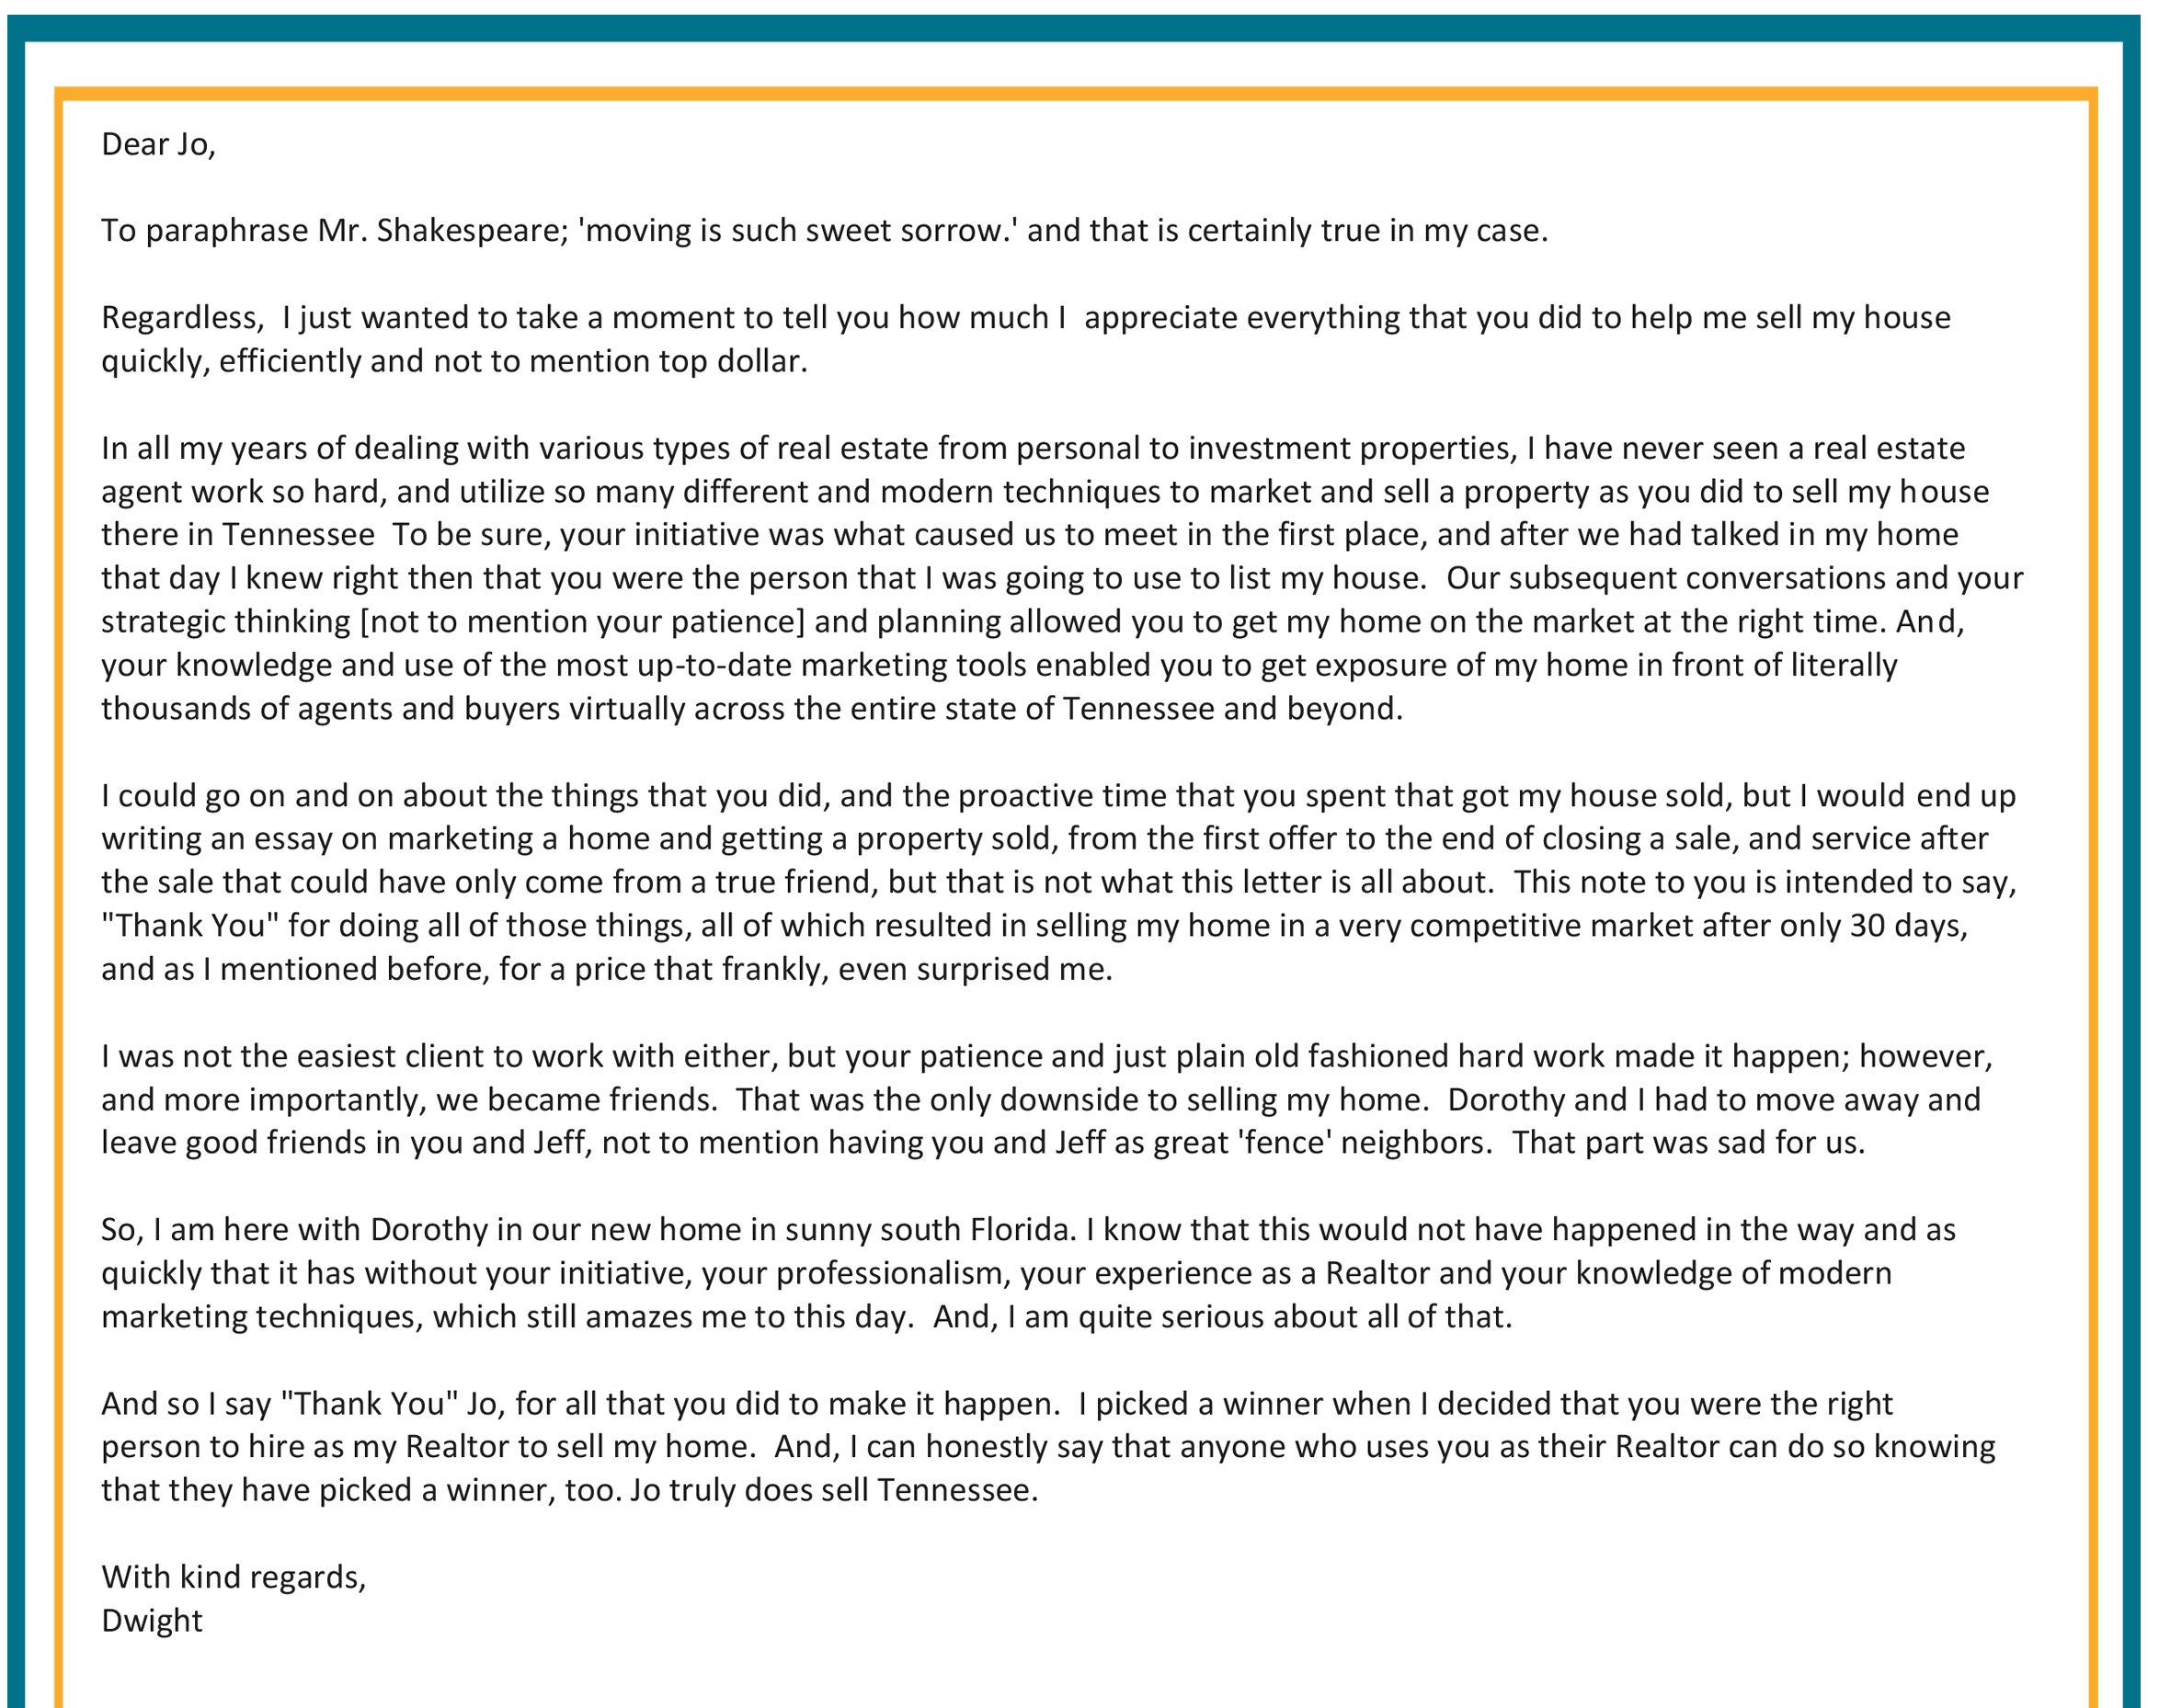 Dwight Letter.jpg